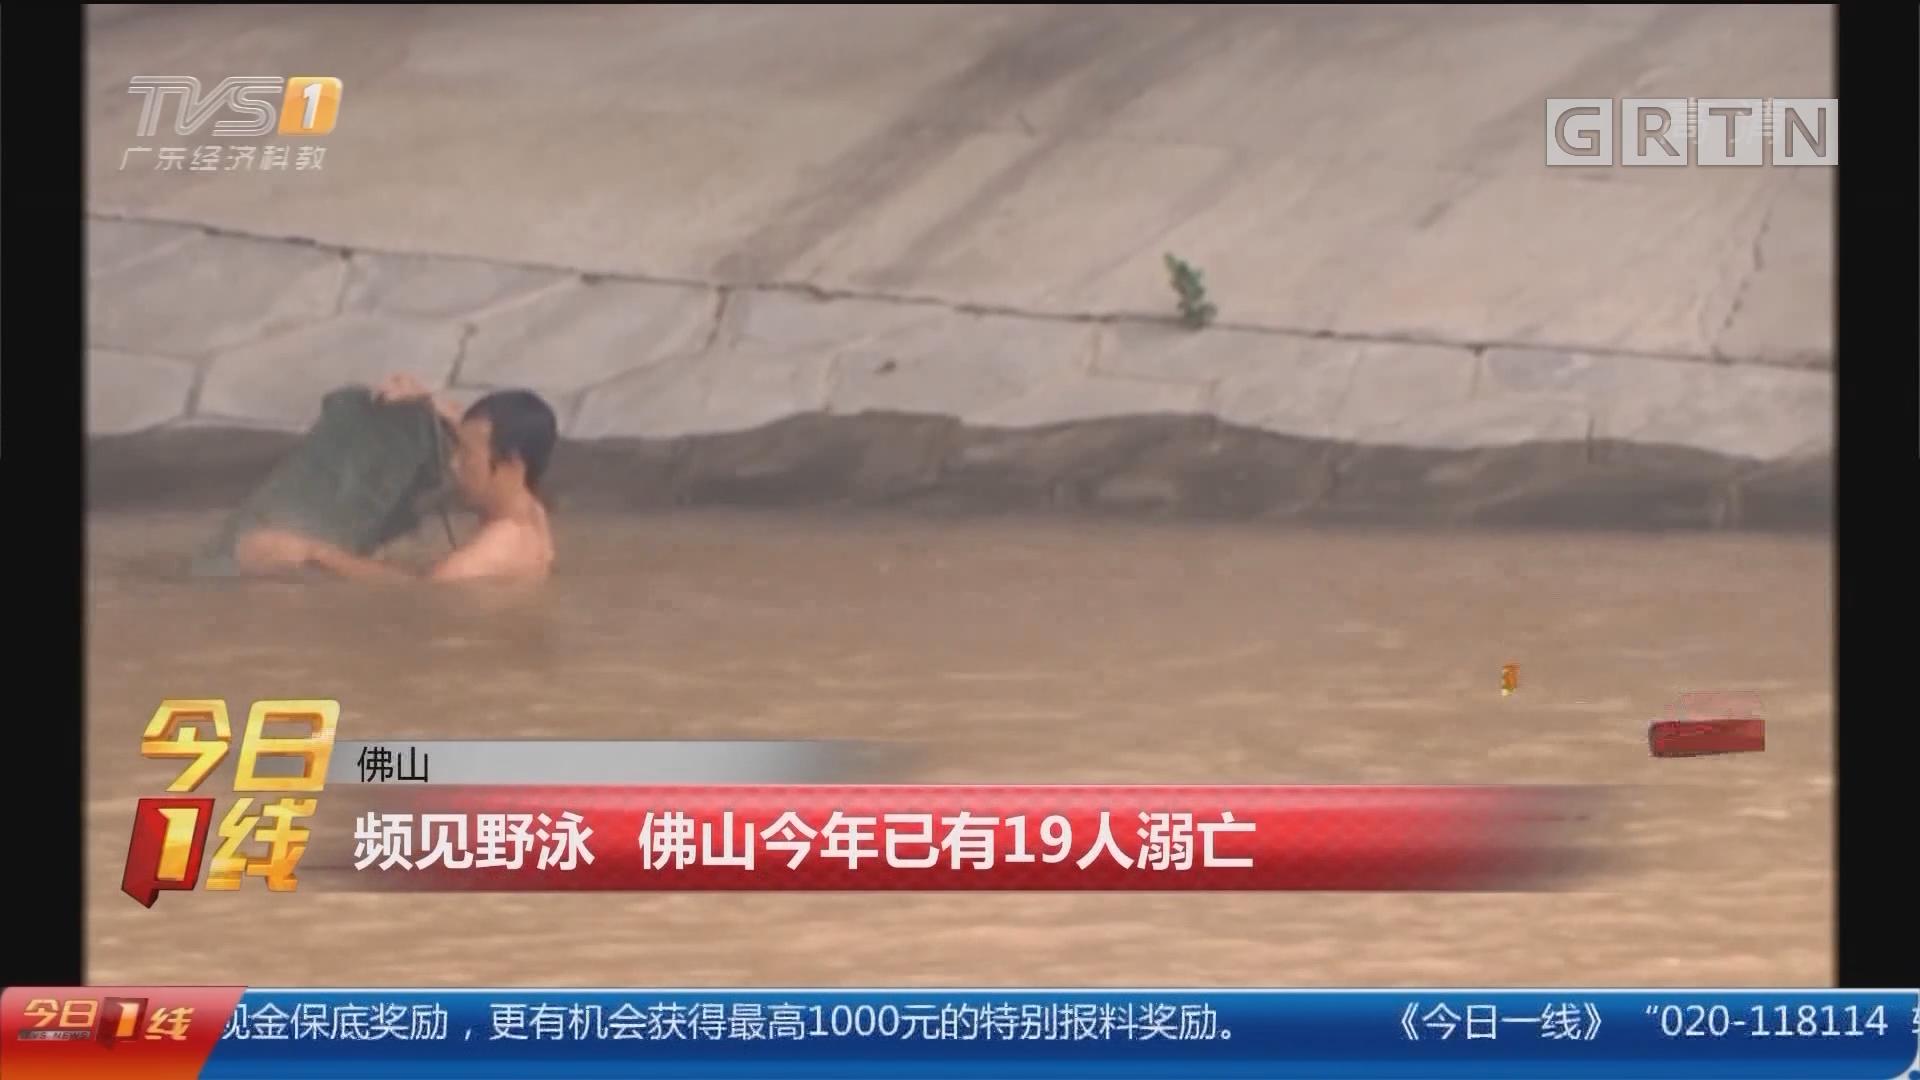 佛山:频见野泳 佛山今年已有19人溺亡